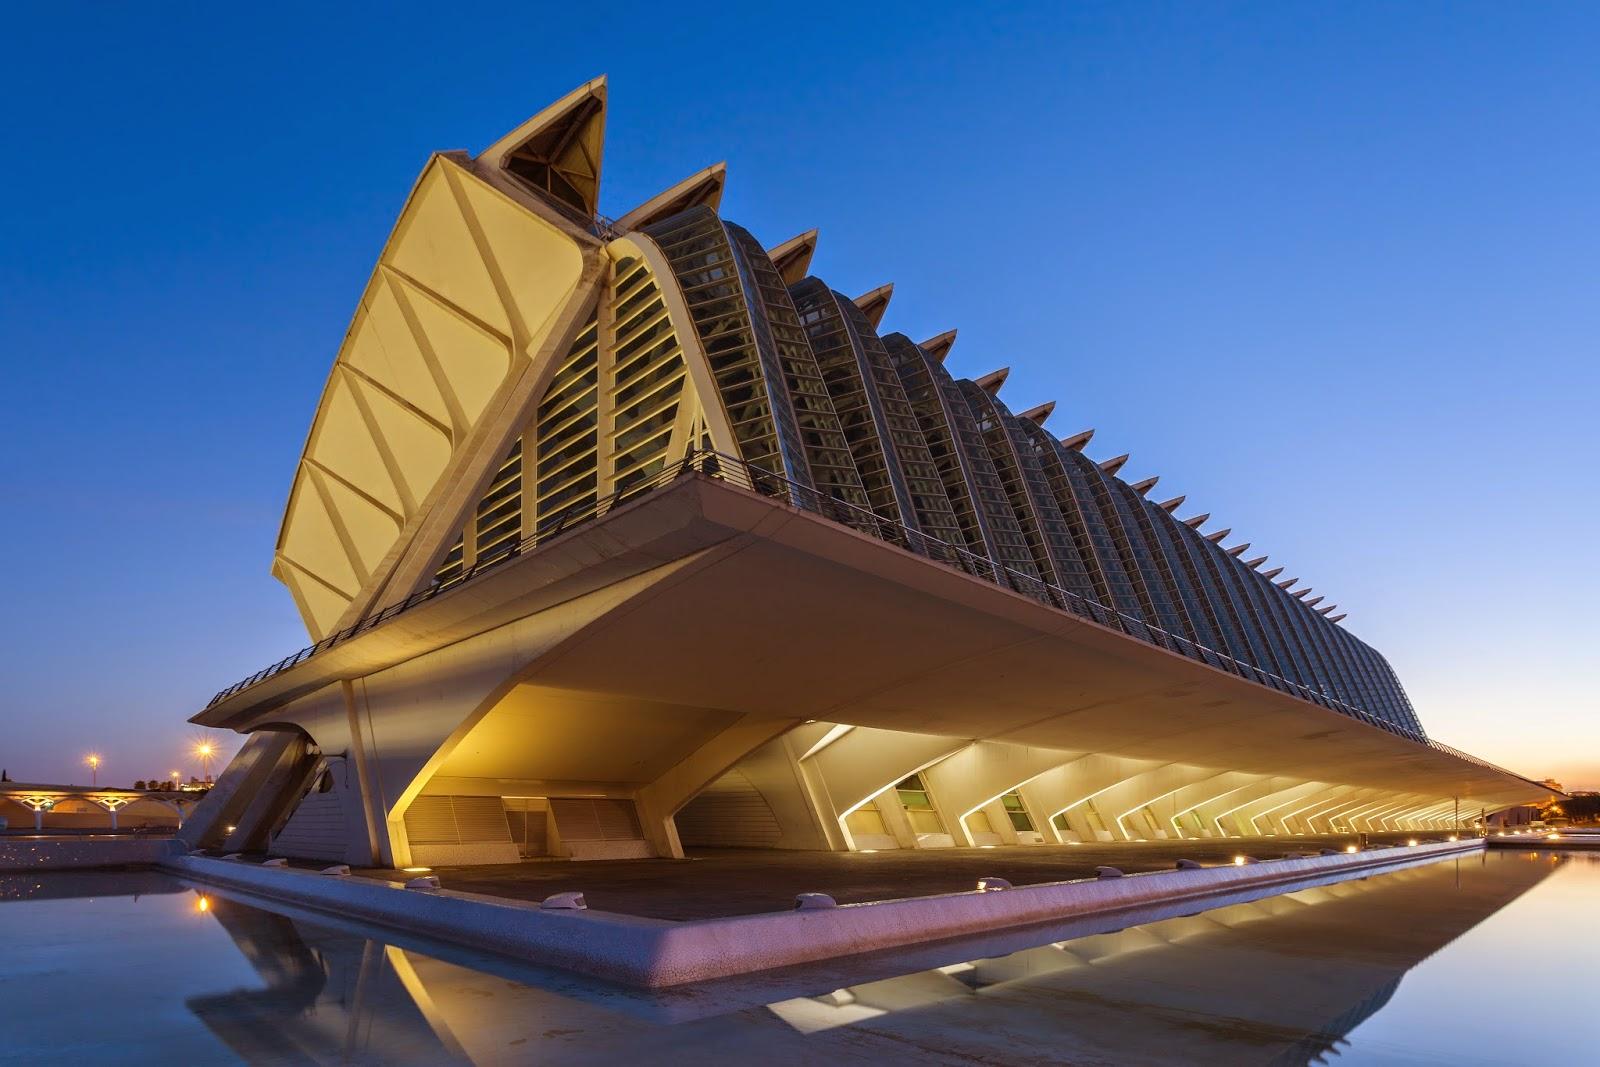 http://commons.wikimedia.org/wiki/File:Museo_Pr%C3%ADncipe_Felipe,_Ciudad_de_las_Artes_y_las_Ciencias,_Valencia,_Espa%C3%B1a,_2014-06-29,_DD_56.JPG#/media/File:Museo_Pr%C3%ADncipe_Felipe,_Ciudad_de_las_Artes_y_las_Ciencias,_Valencia,_Espa%C3%B1a,_2014-06-29,_DD_56.JPG